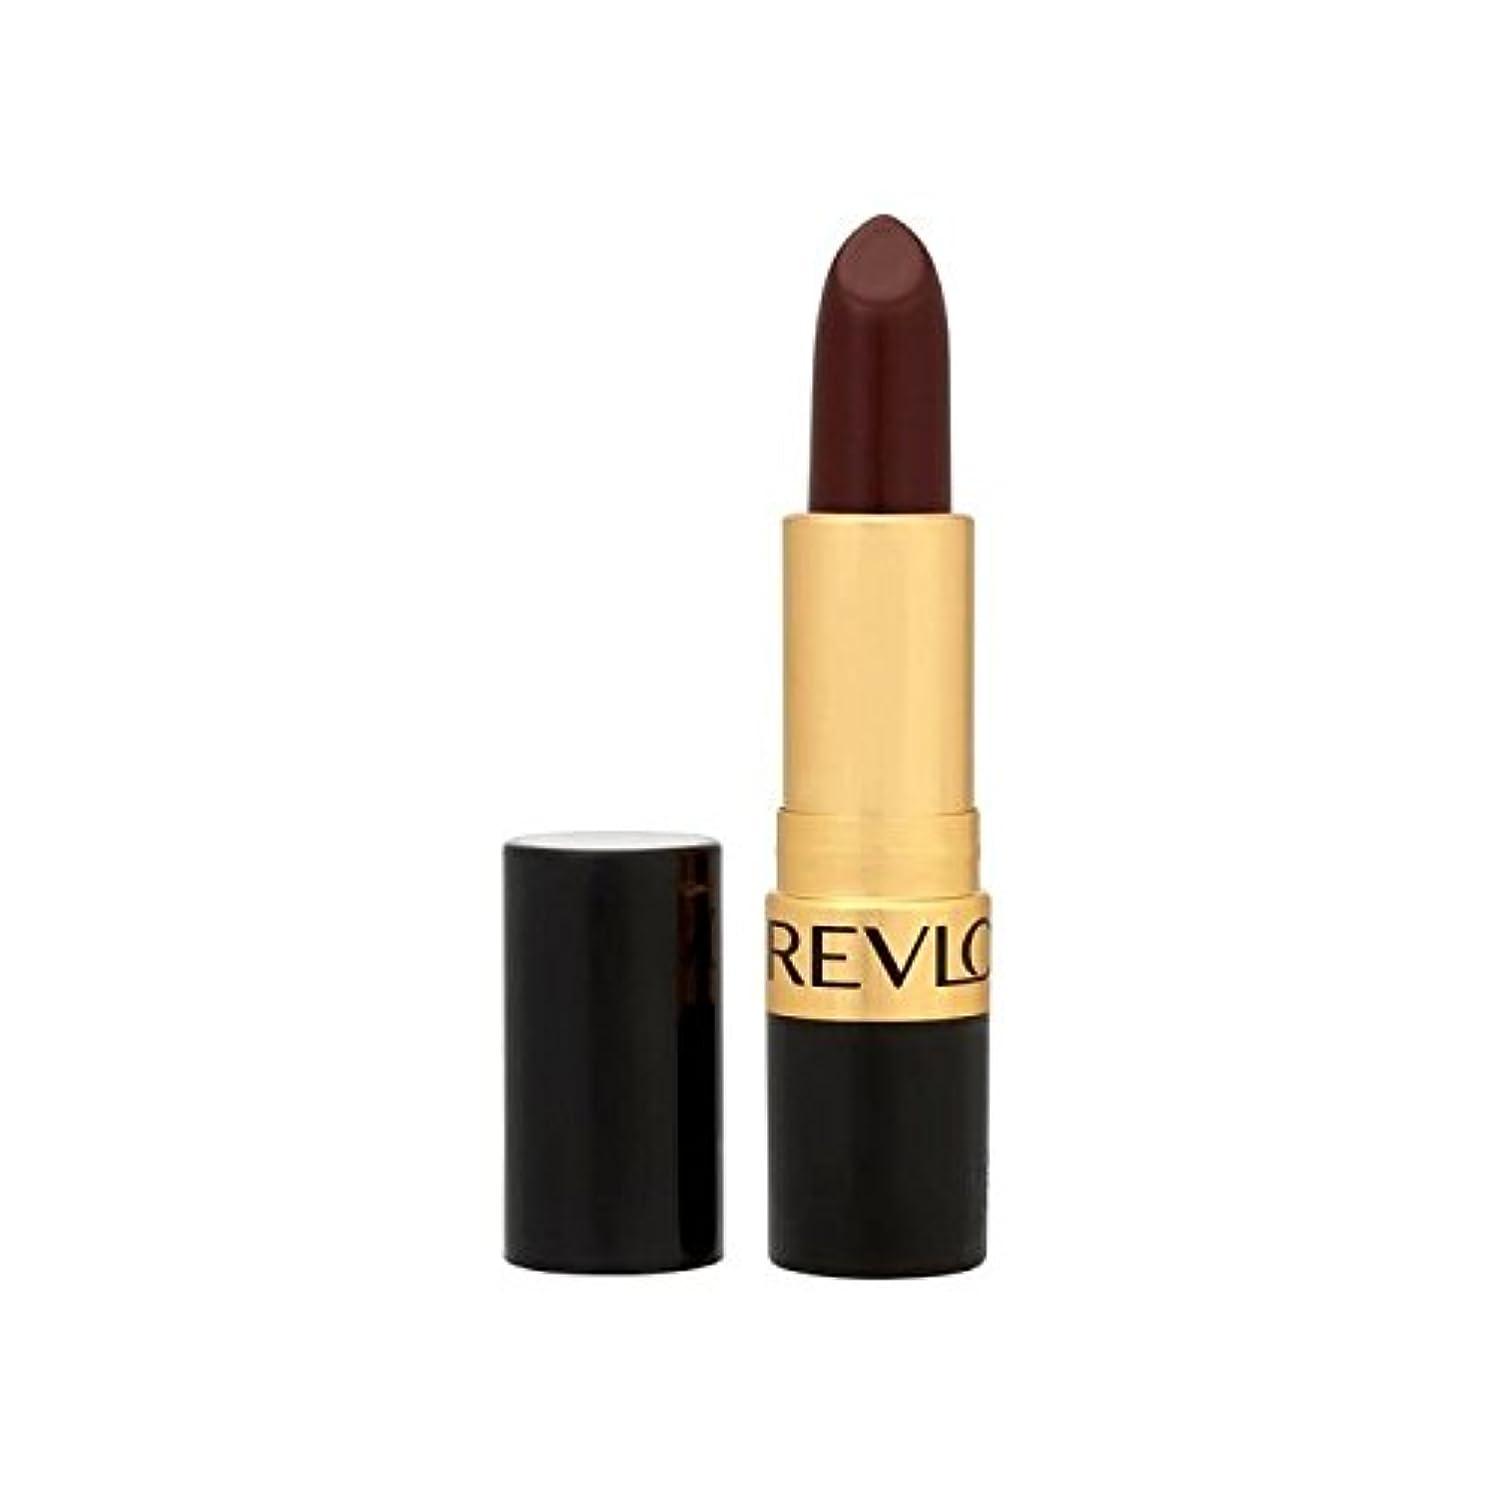 の慈悲で陽気なコーナーレブロンスーパー光沢のある口紅ブラックチェリー477 x2 - Revlon Super Lustrous Lipstick Black Cherry 477 (Pack of 2) [並行輸入品]